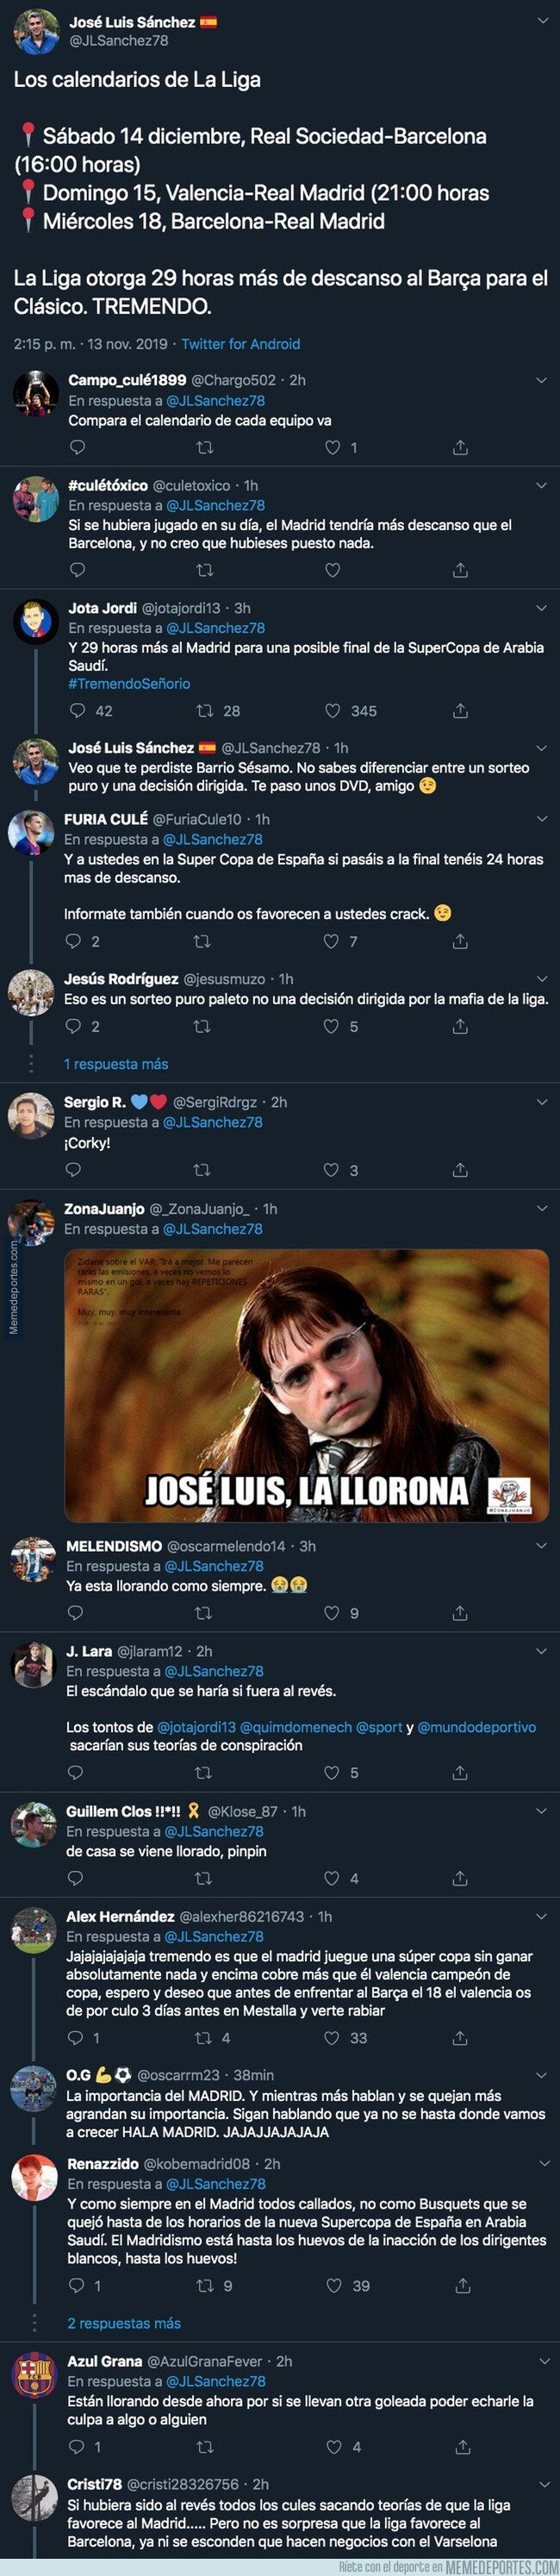 1091025 - José Luis Sánchez está literalmente llorando con este mensaje en Twitter y todo el mundo le responde con dureza